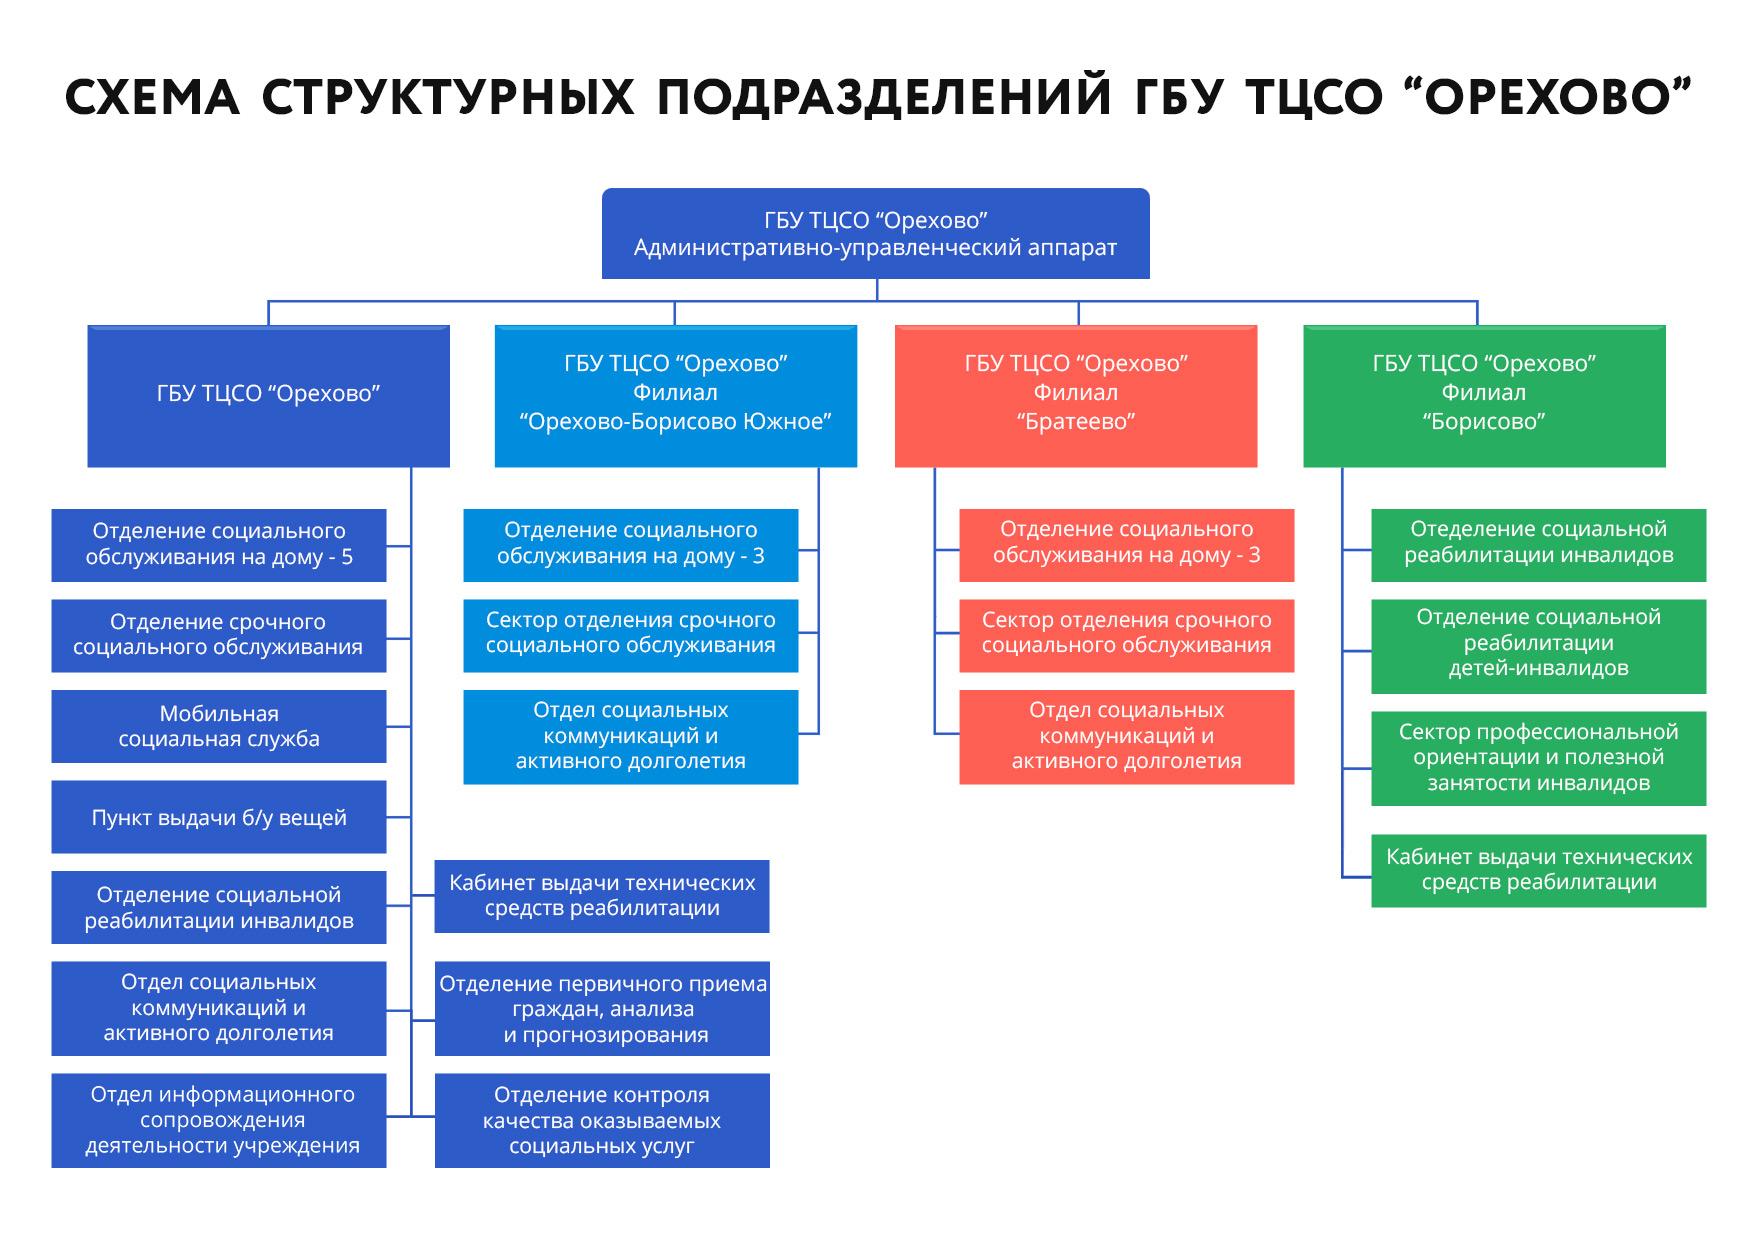 shema-otdeleniy-tcso-orehovo-2019